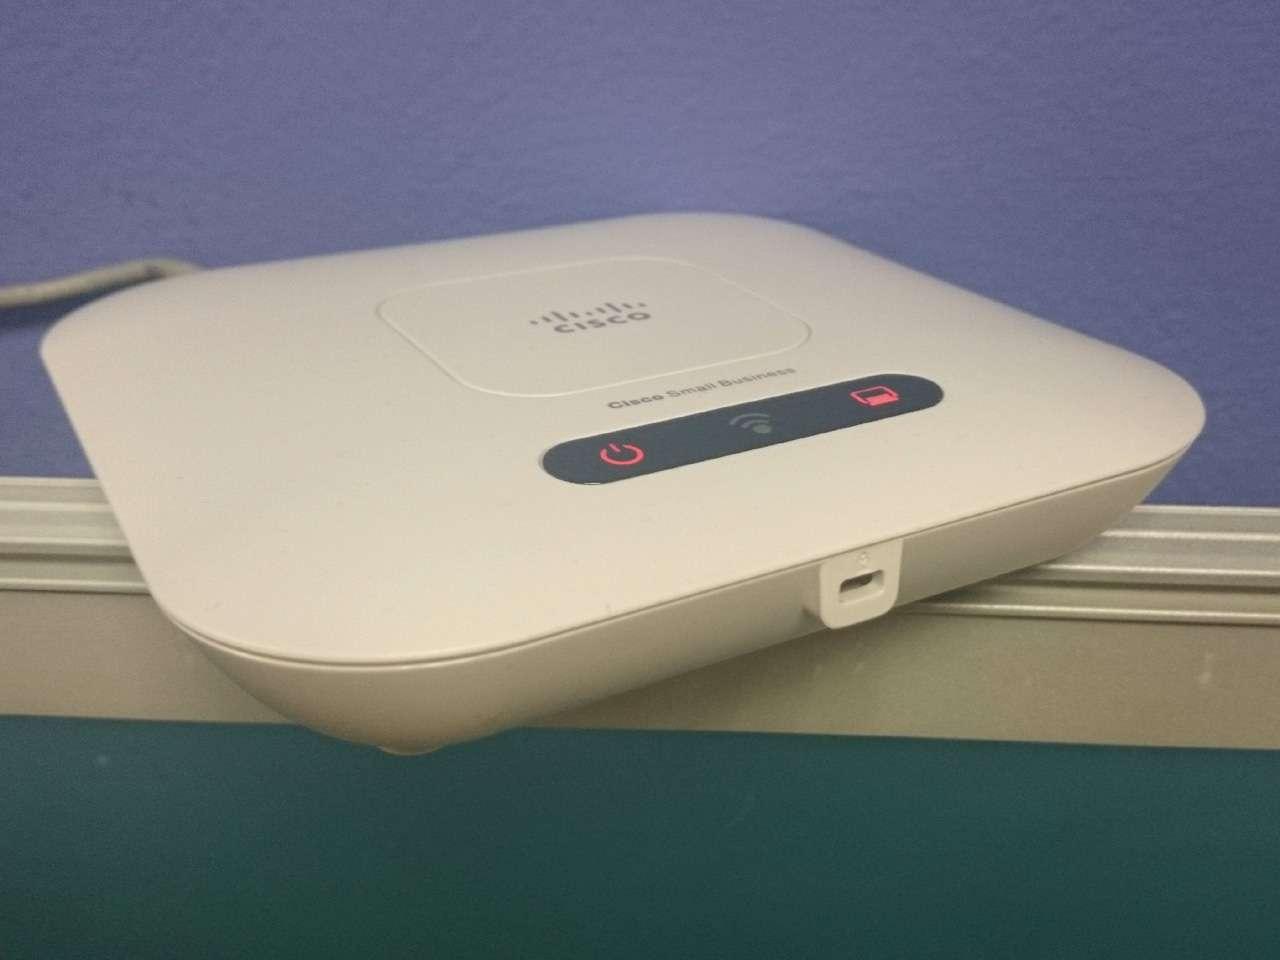 Los proveedores de internet acostumbran a colocar el router en las esquinas Foto: Terra